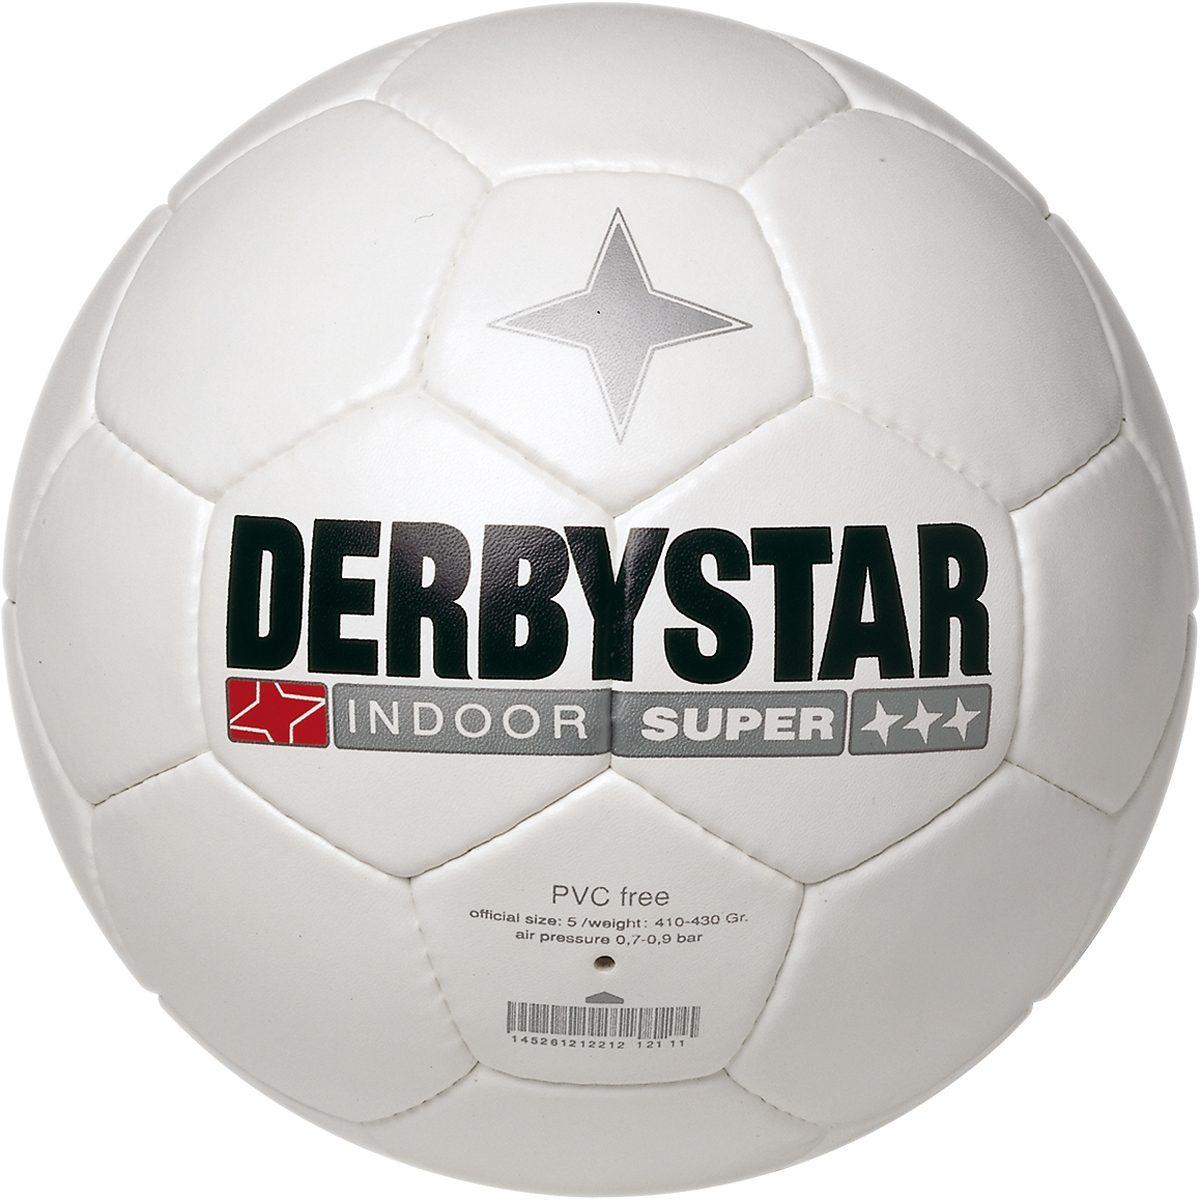 DERBYSTAR Indoor Super Fußball